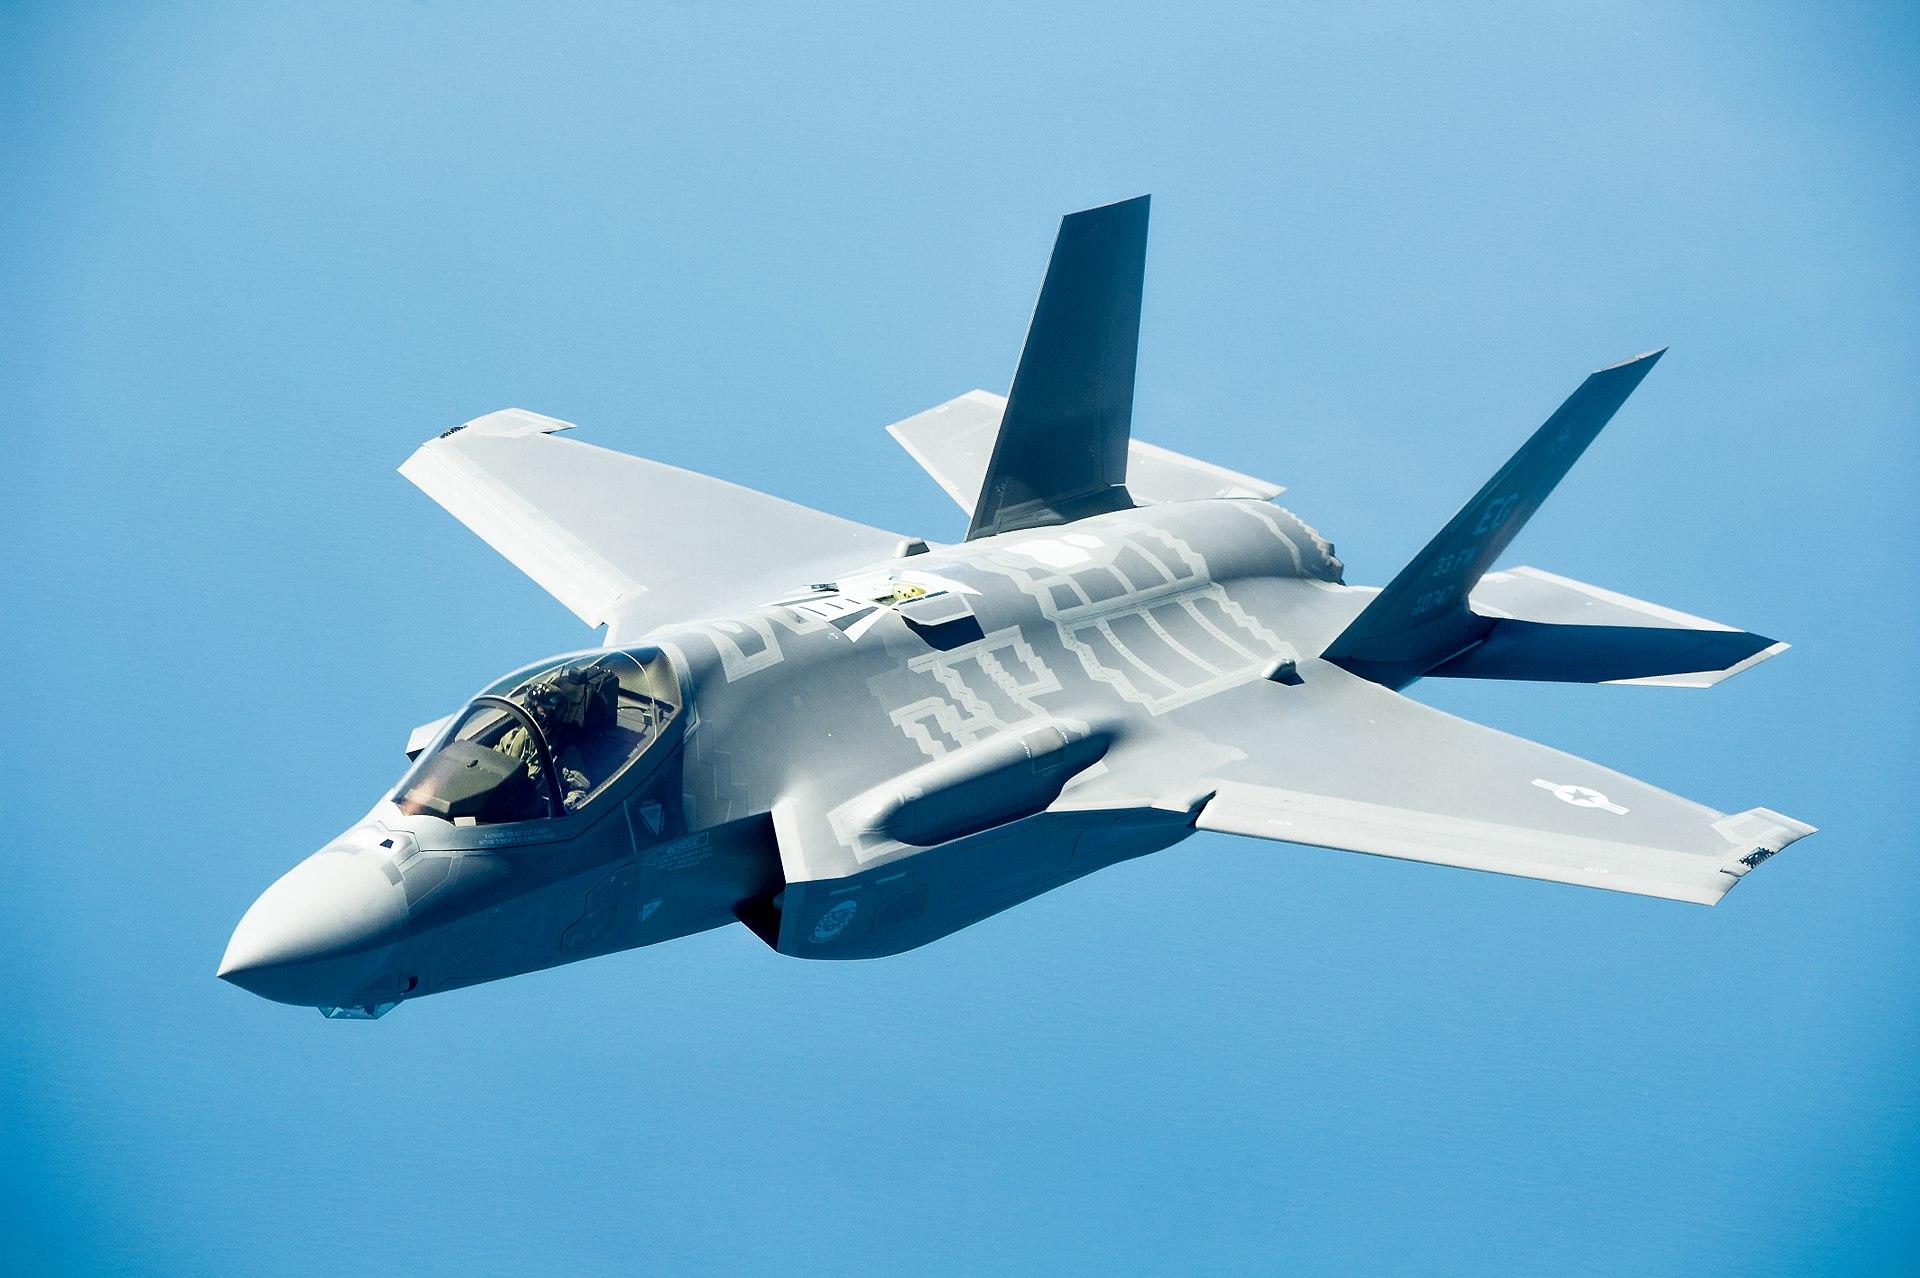 W USA rozbił się myśliwiec F-35, po raz pierwszy w historii programu ich budowy